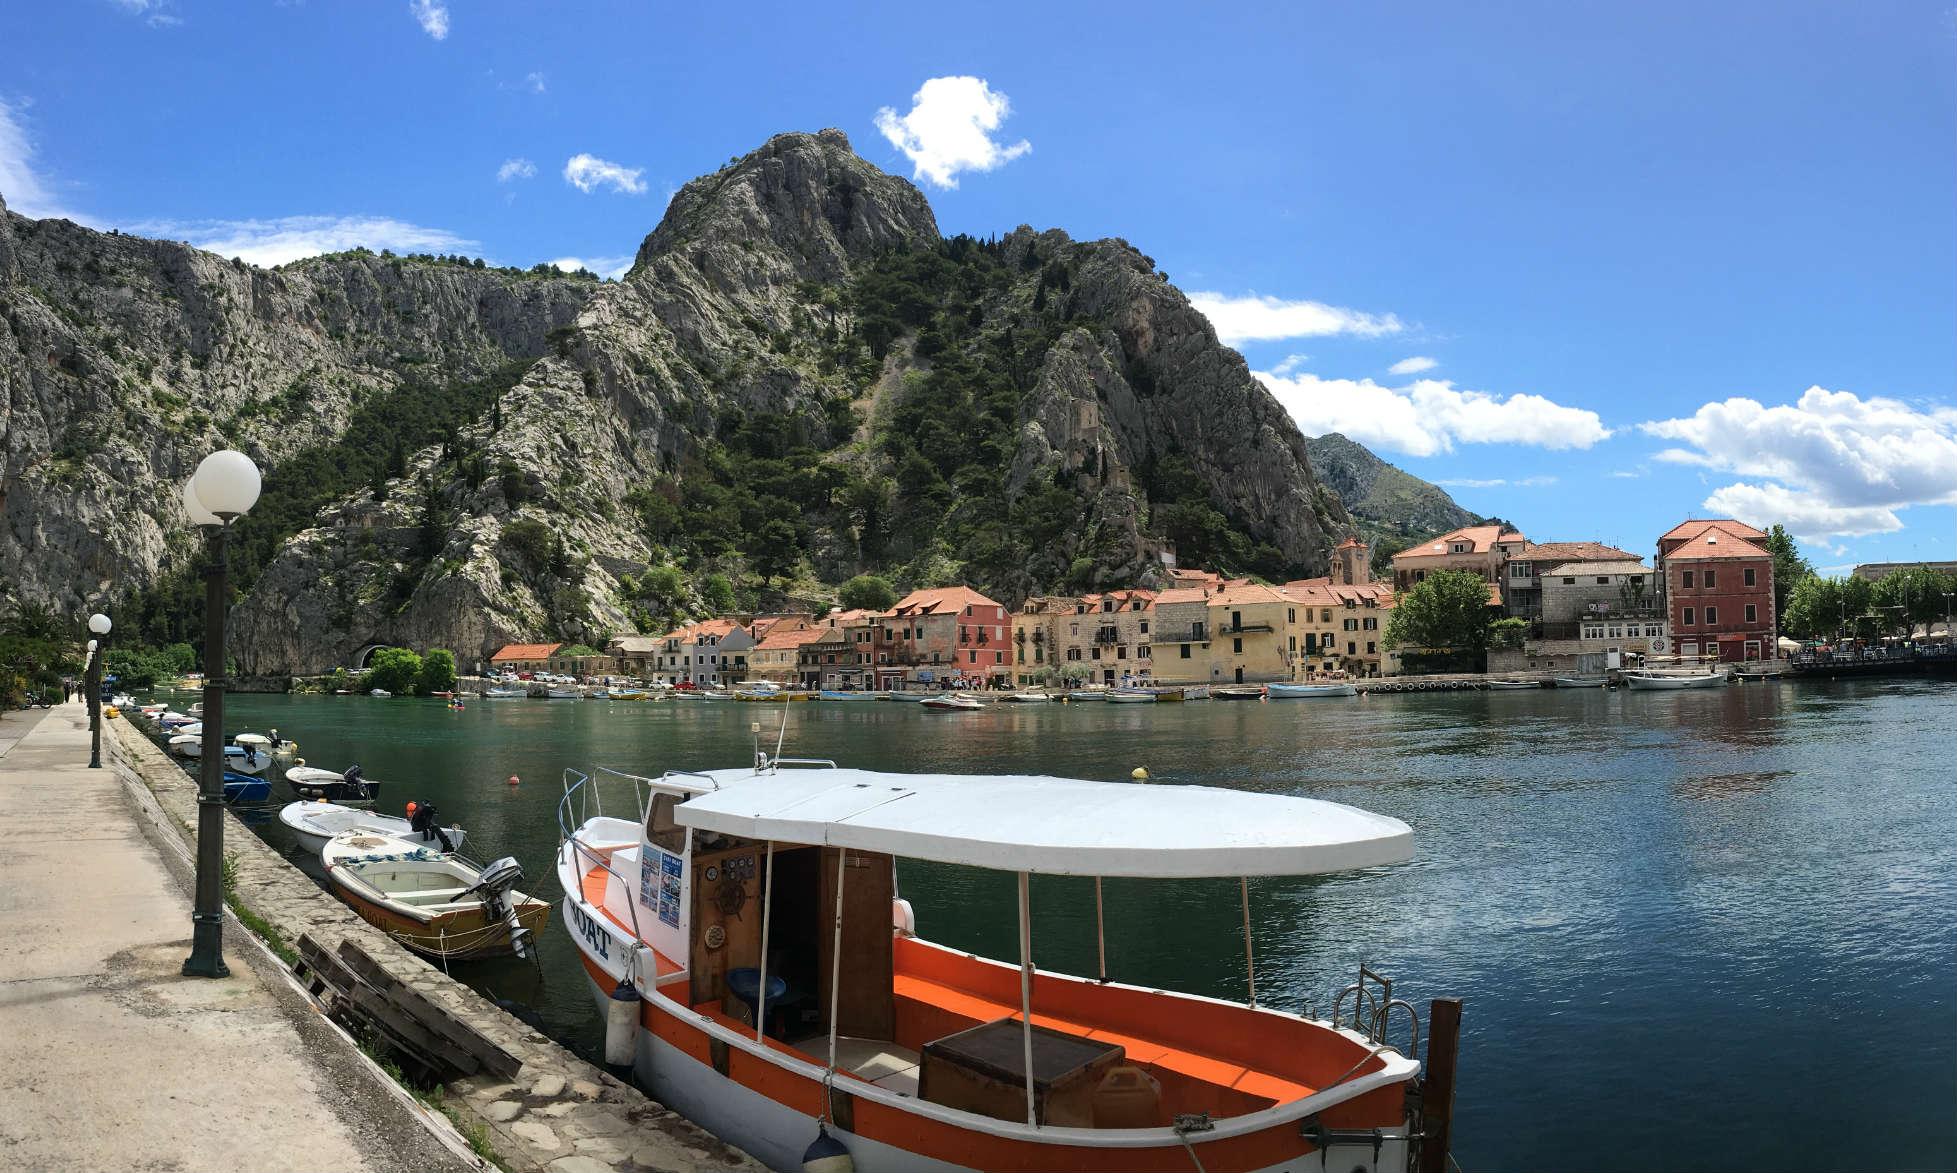 Blick auf den Hafen der Stadt Omiš mit dem Mosor Gebirge im Hintergrund.